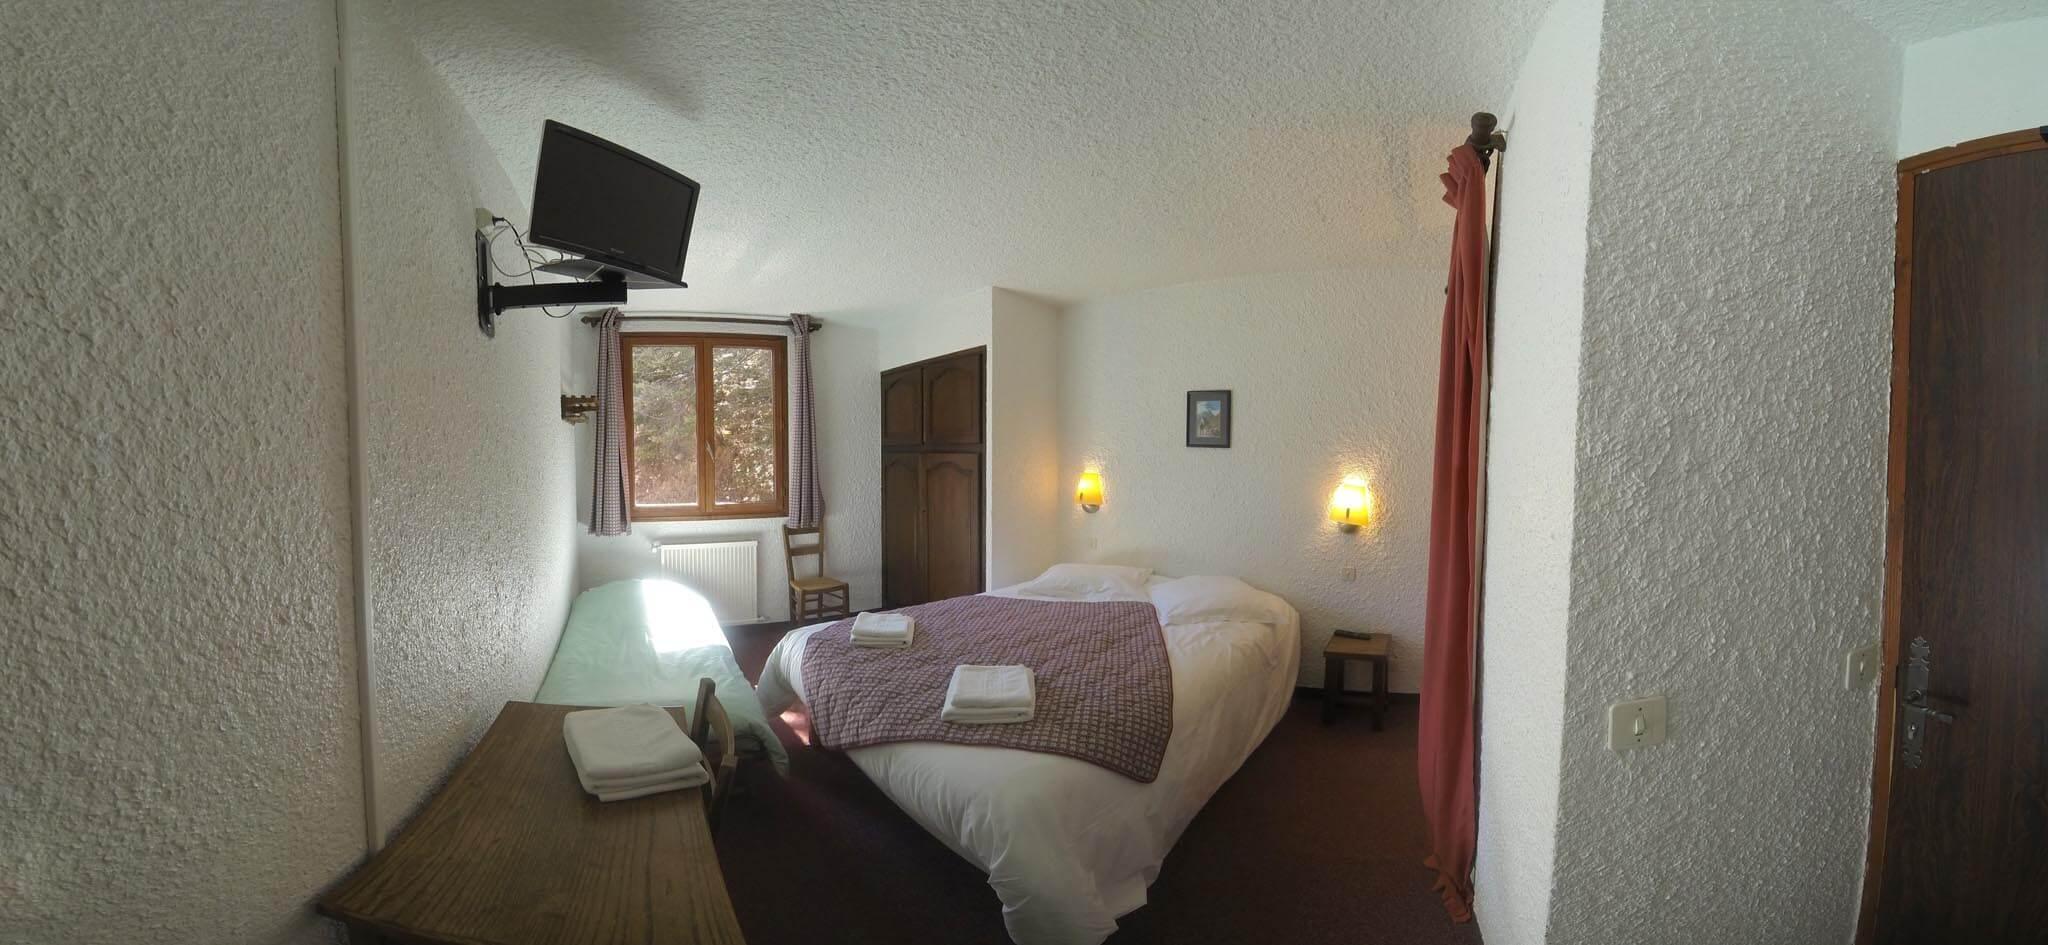 chambre n 5 lit double et lit d 39 appoint douche dans la